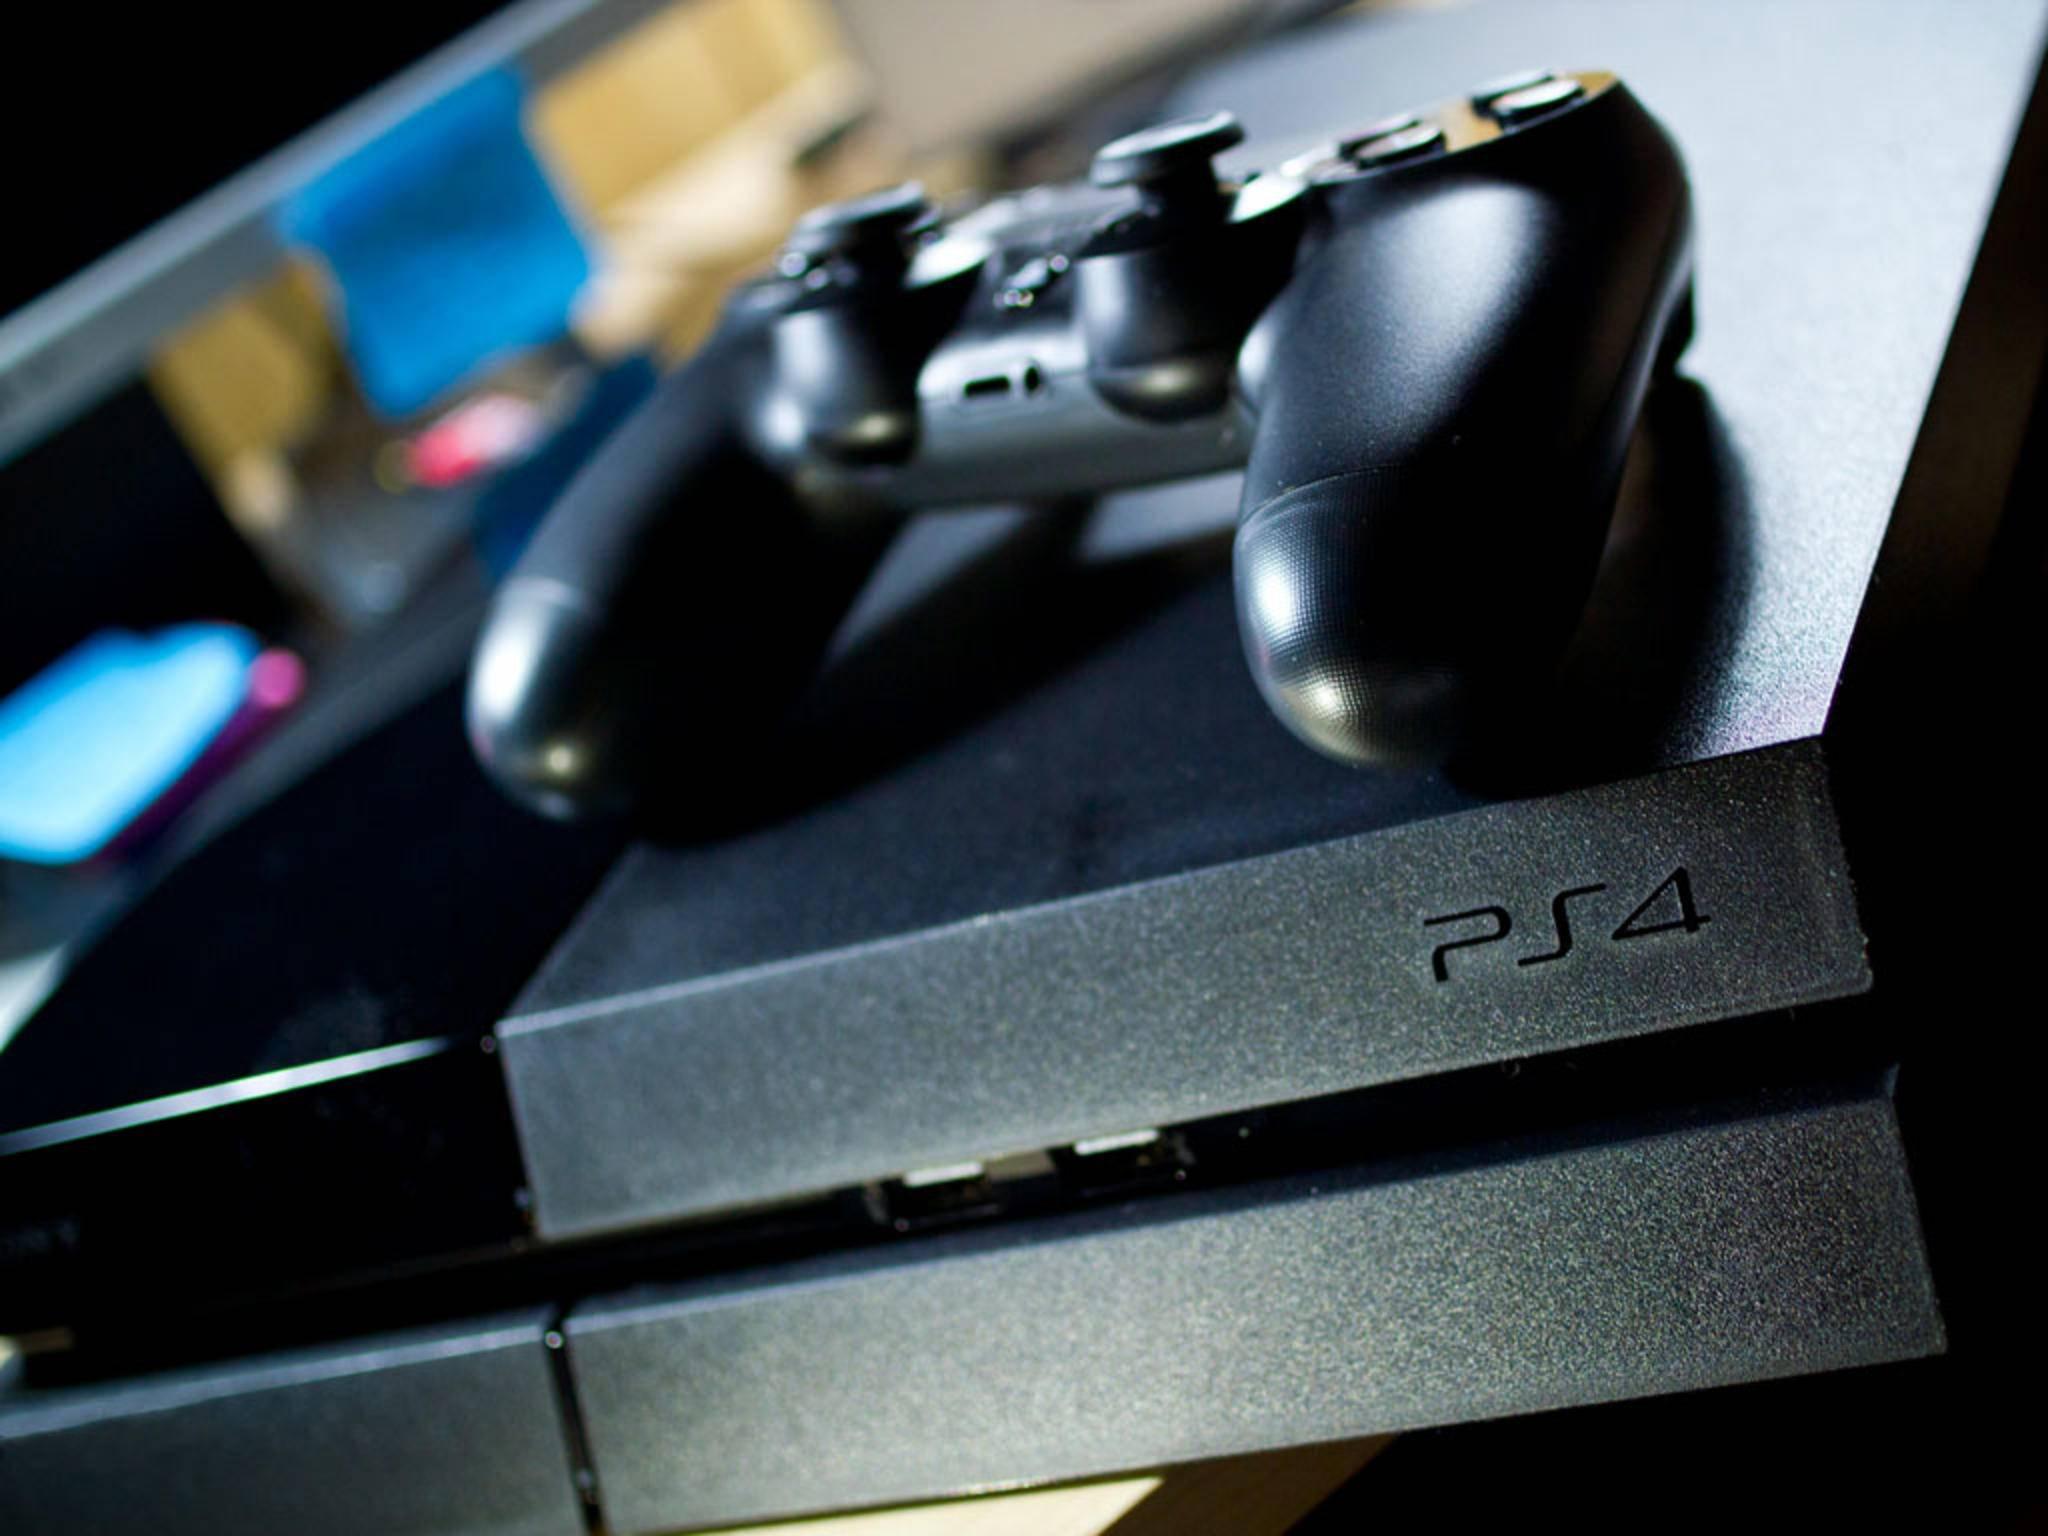 Sony senkt den Preis der PS4 jetzt auch in Deutschland.